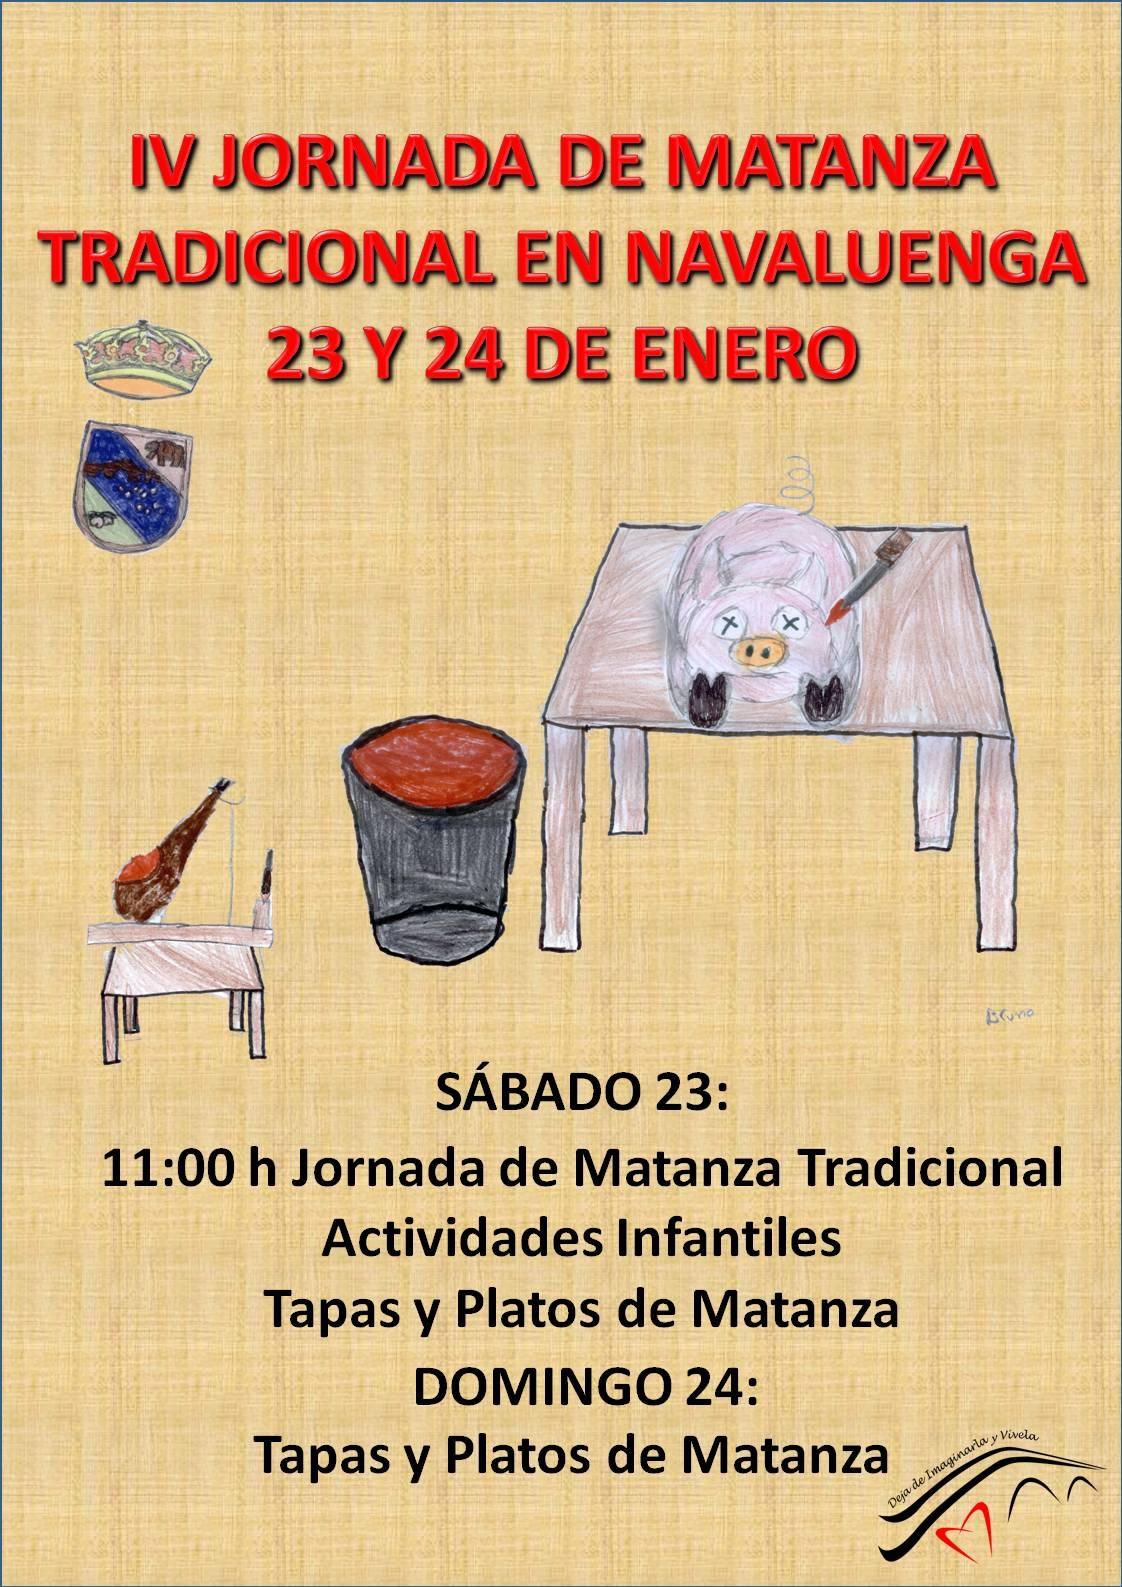 Matanza Tradicional Navaluenga 23 y 24 de enero y nuestra oferta de alojamiento